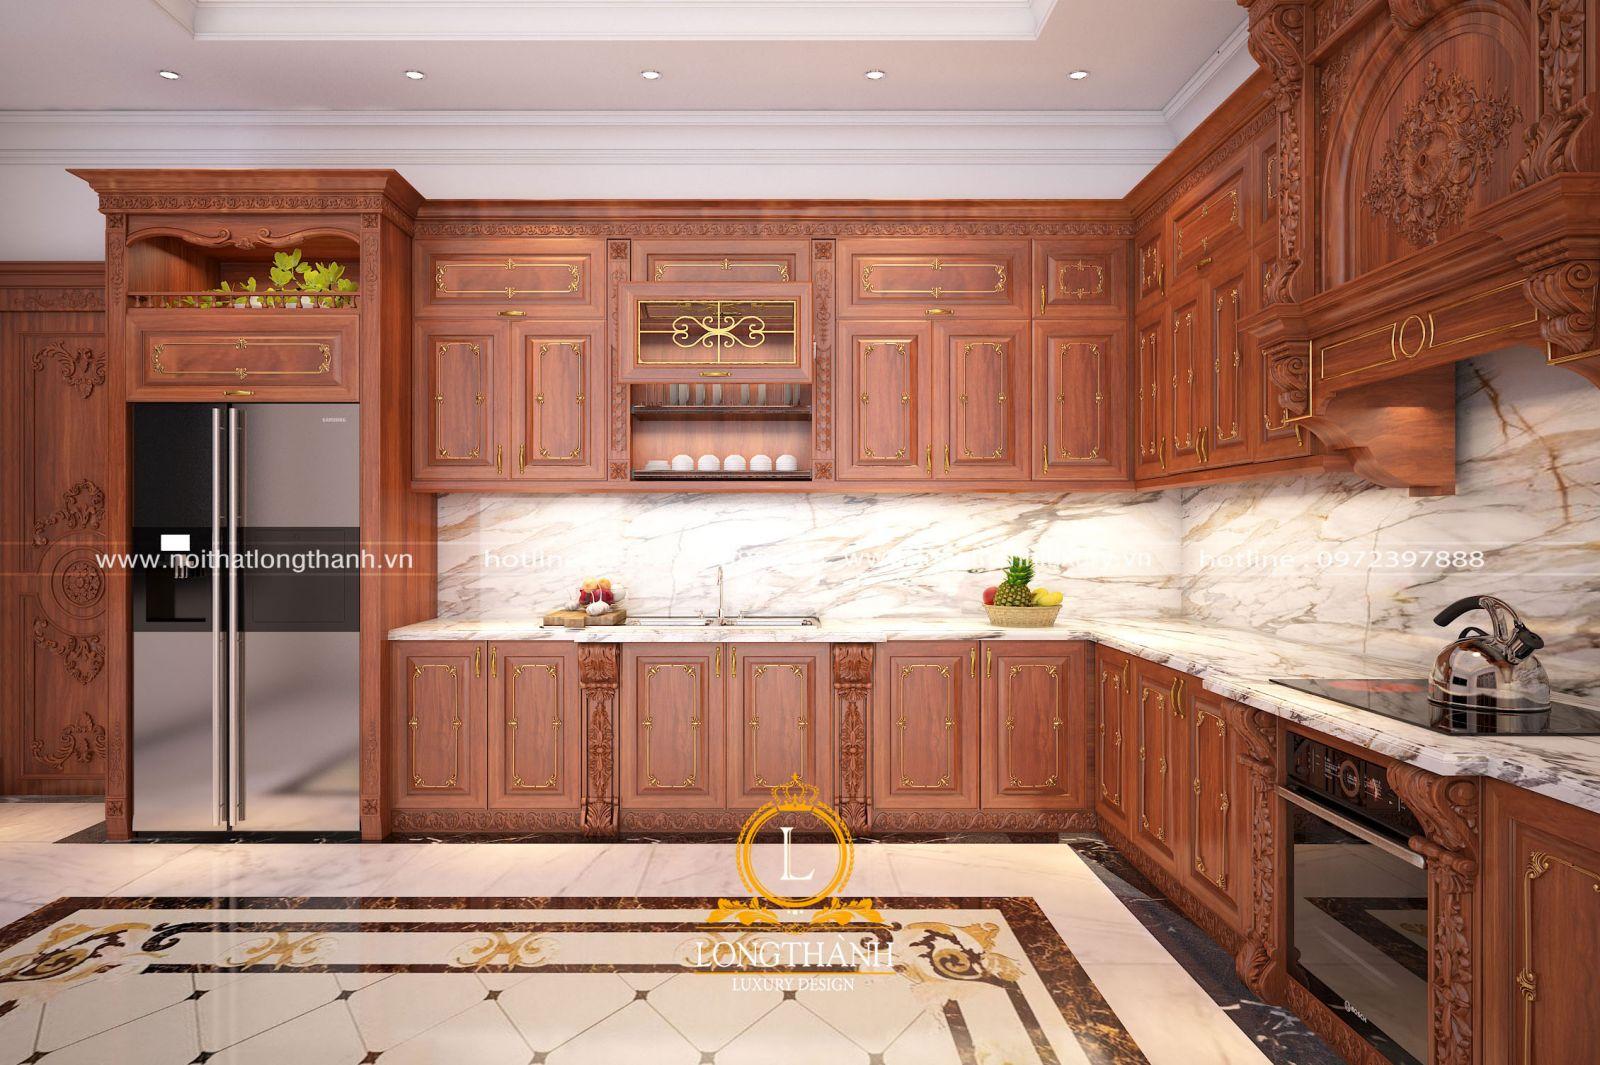 Thiết kế tủ bếp phòng cách tân cổ điển đẹp, sang trọng tiện nghi